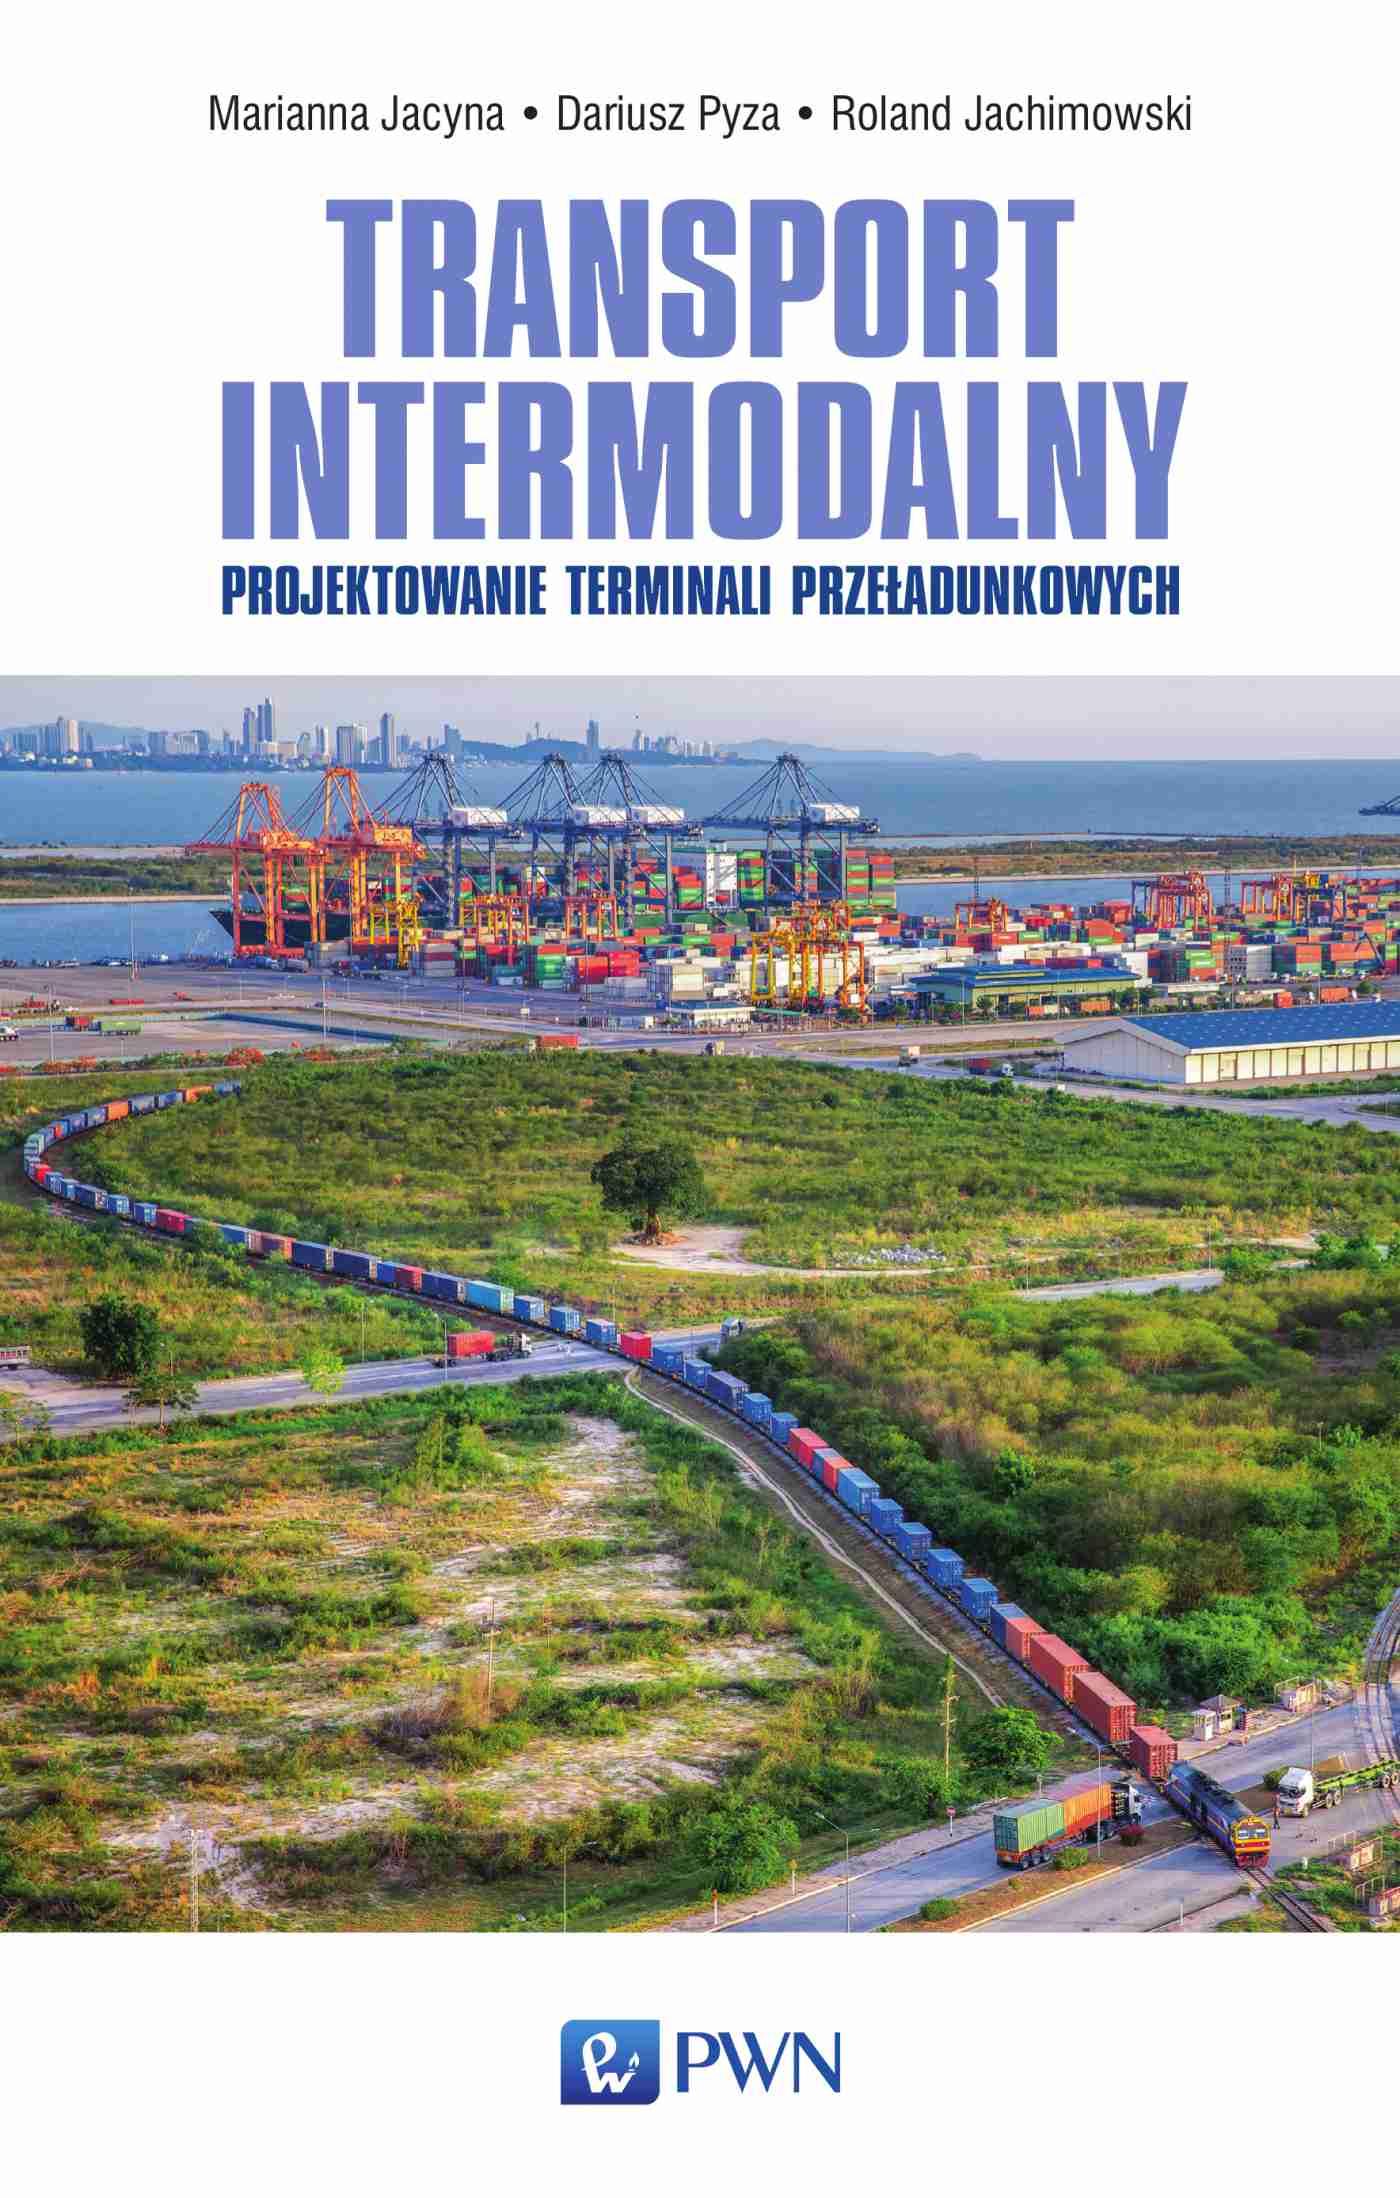 Transport intermodalny. Projektowanie terminali przeładunkowych - Ebook (Książka EPUB) do pobrania w formacie EPUB